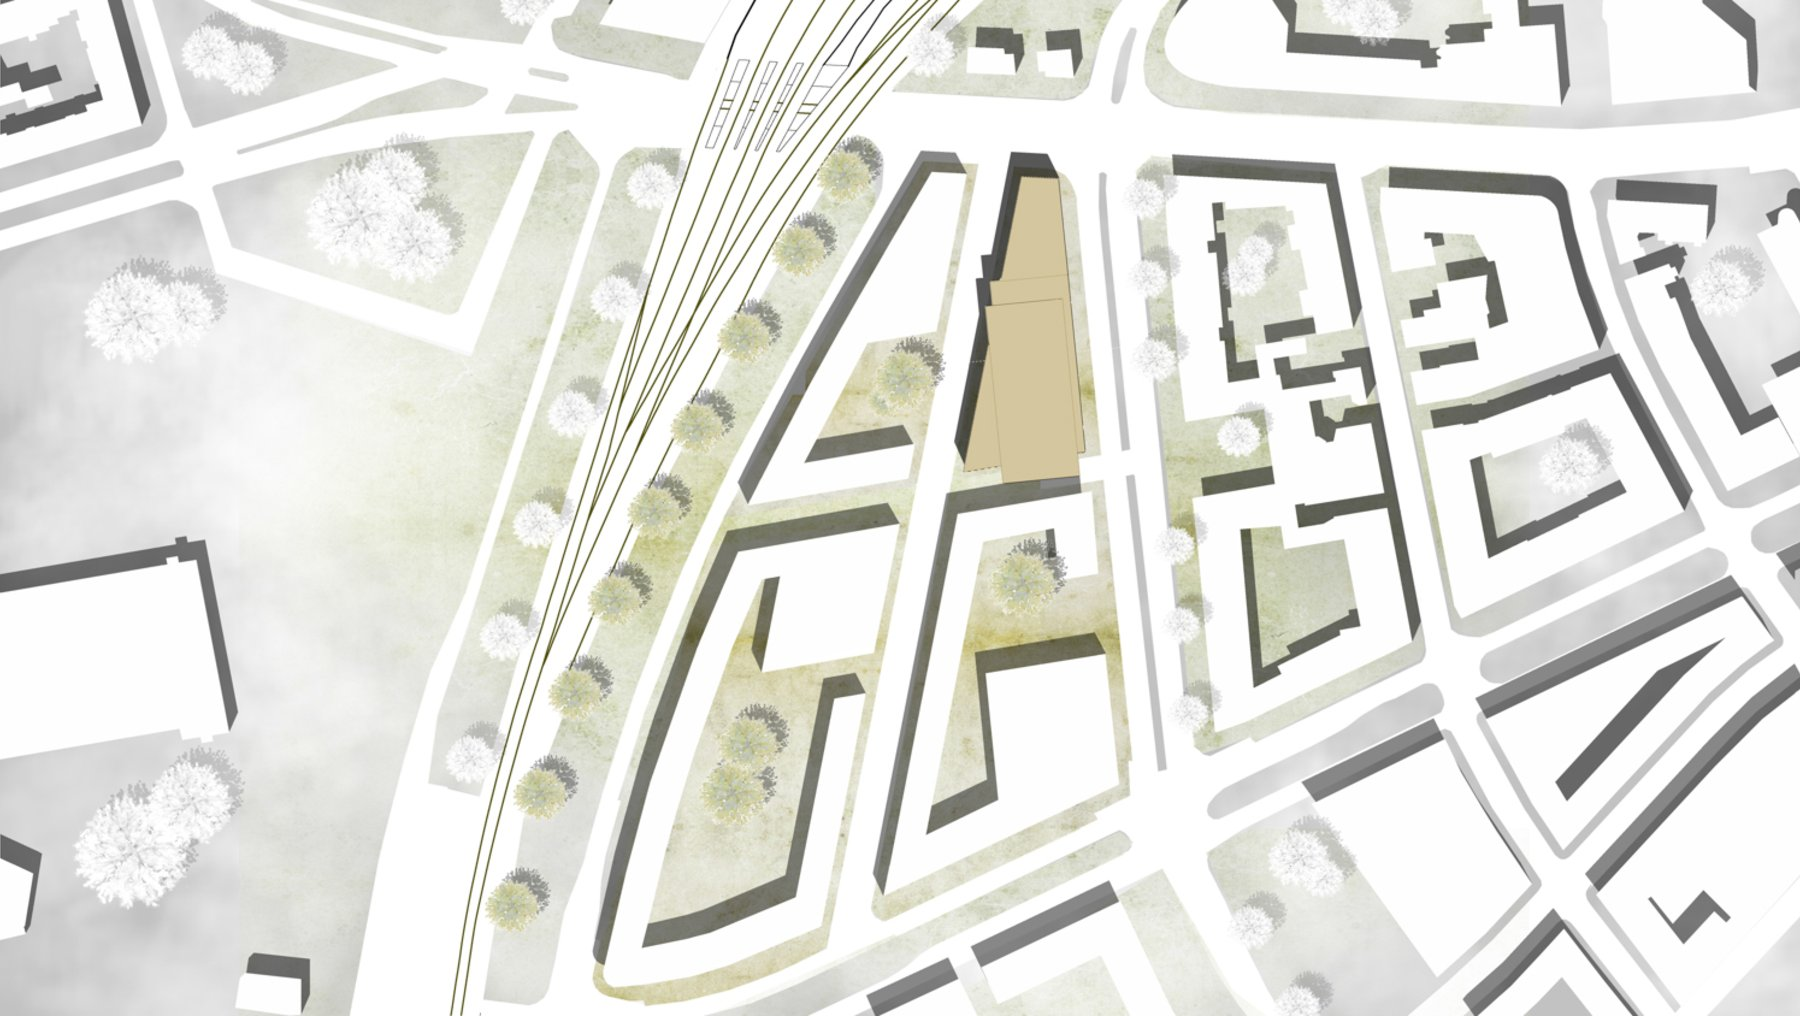 eVolo Skyscraper Competition Frankfurt/M. - Semesterarbeit von Wu Zhao